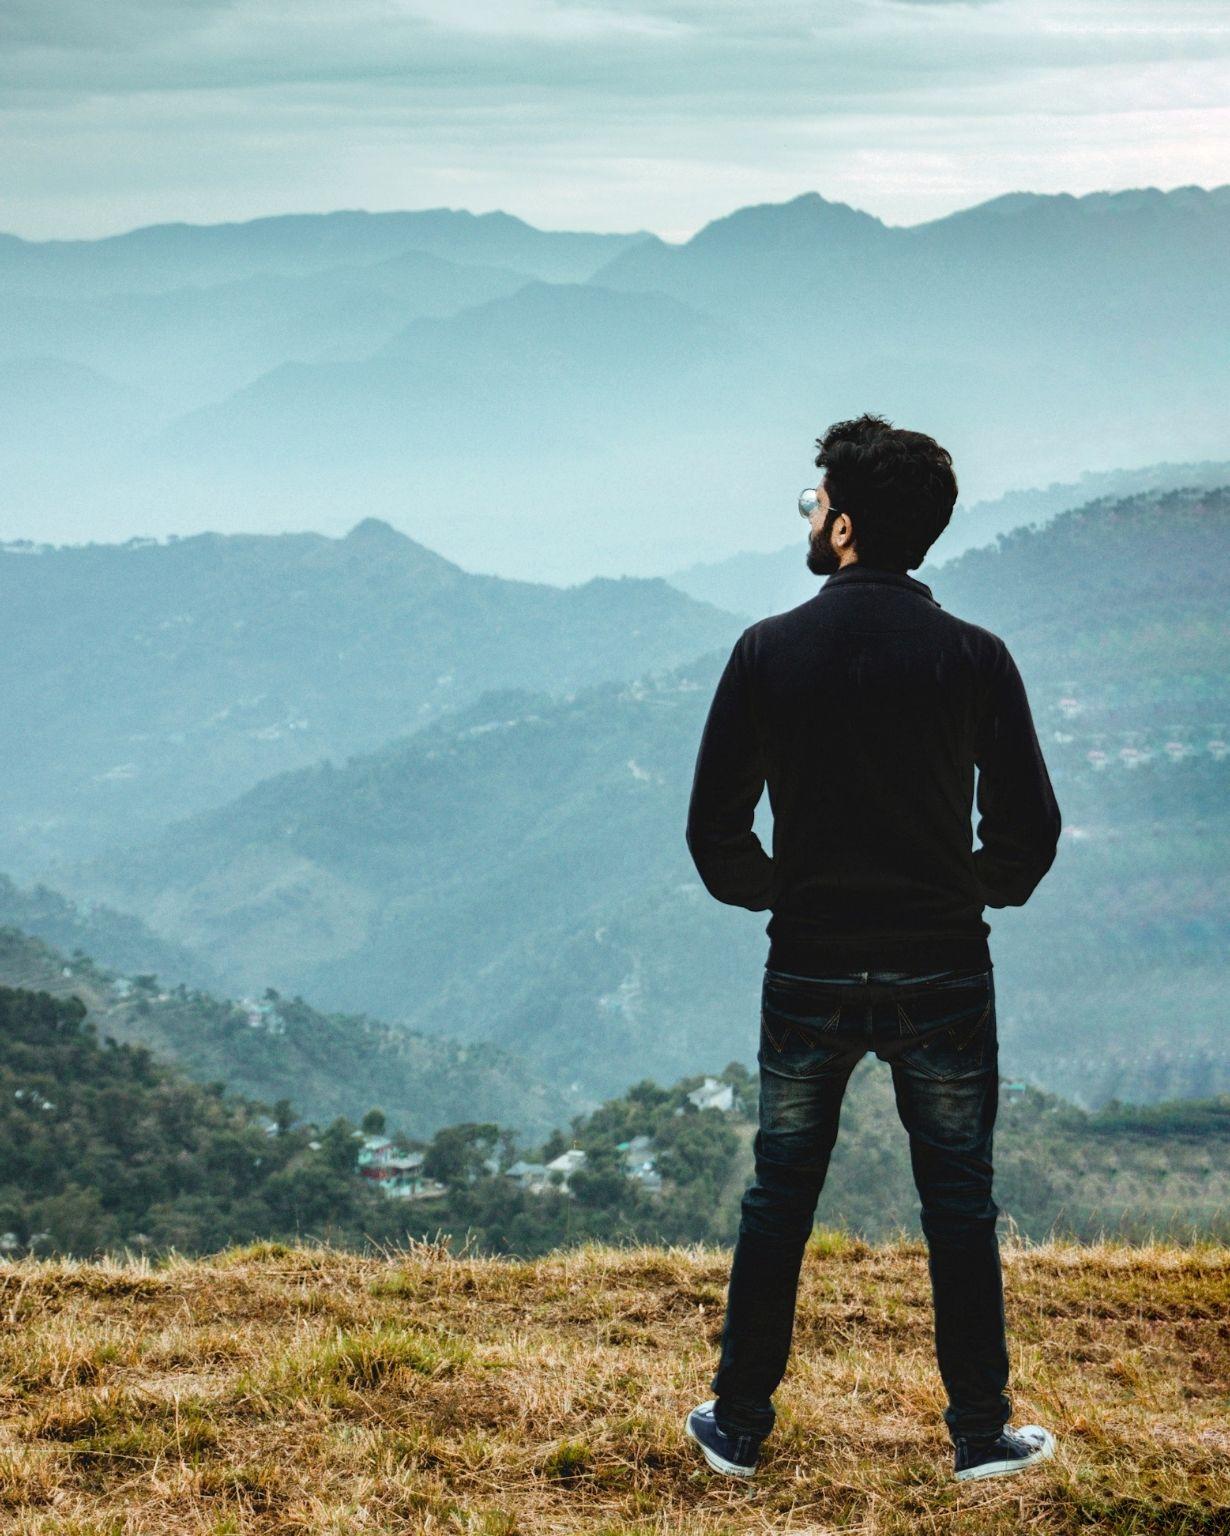 Photo of Himachal Pradesh By Ritvik Sharma